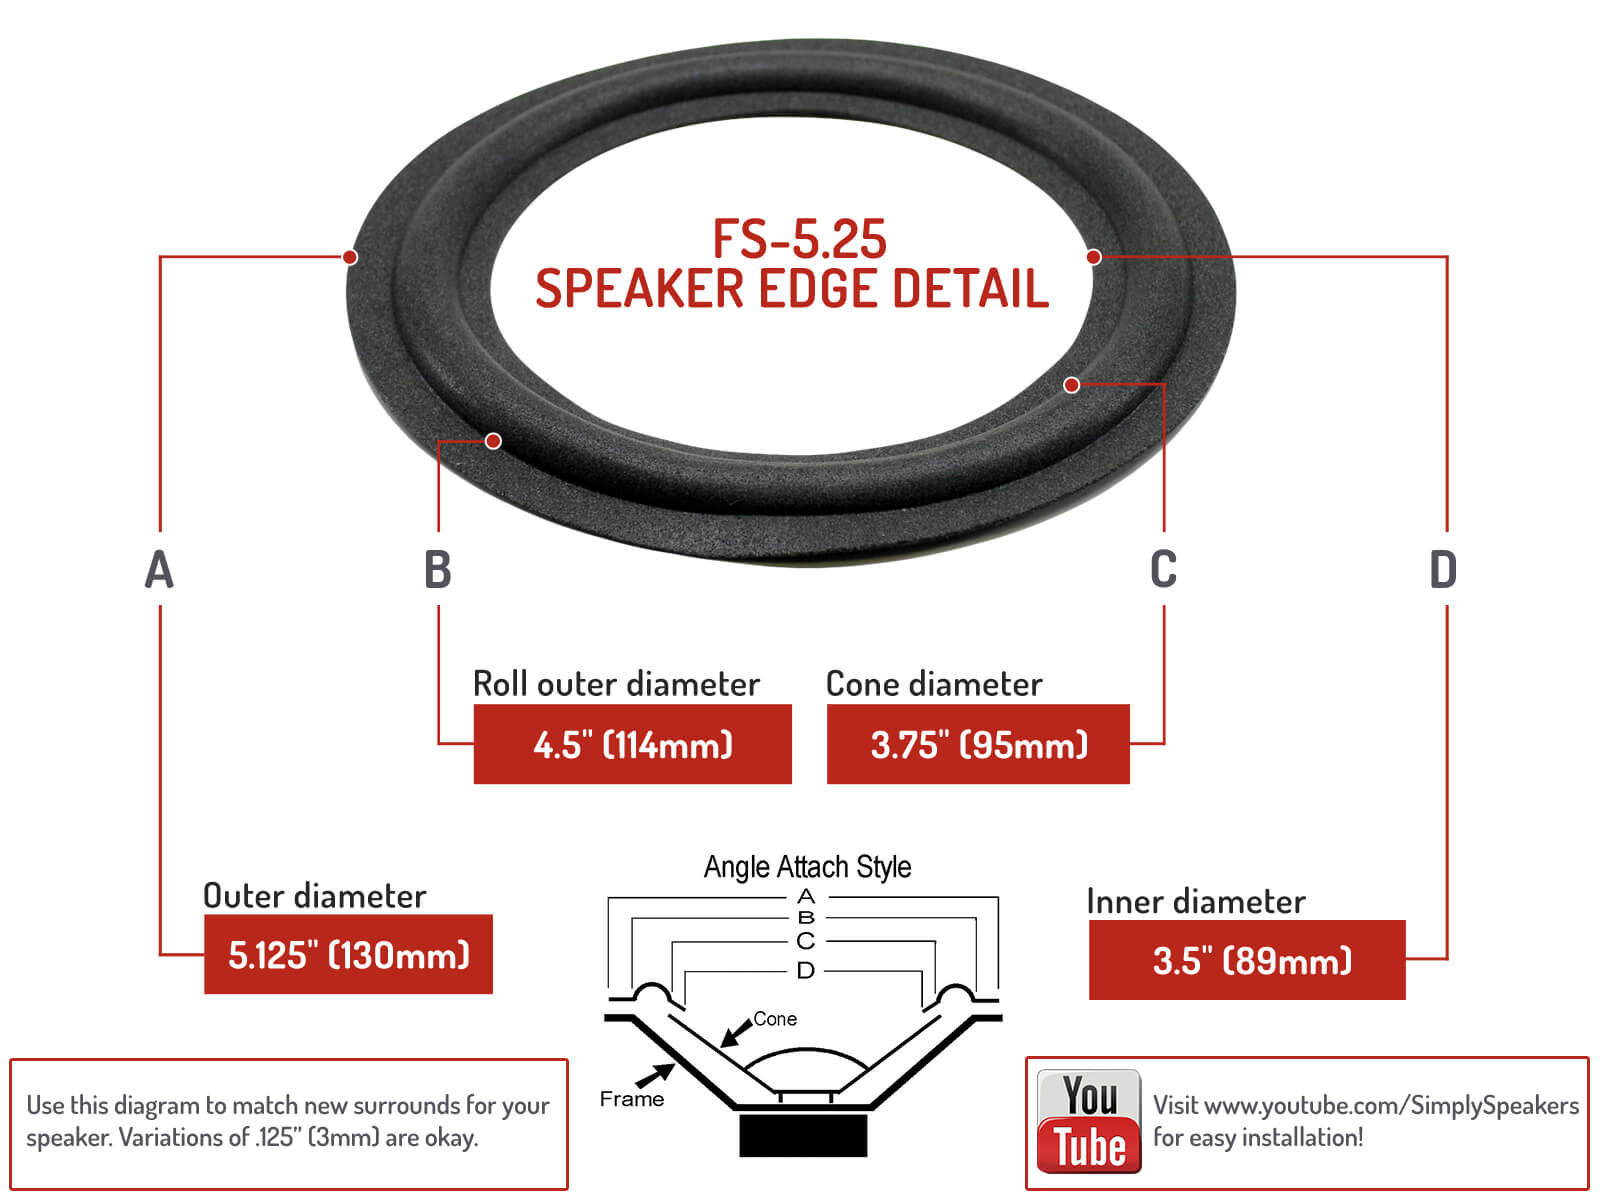 Infinity Speaker Foam Edge Replacement Repair Kit 5 1 4 FSK 525